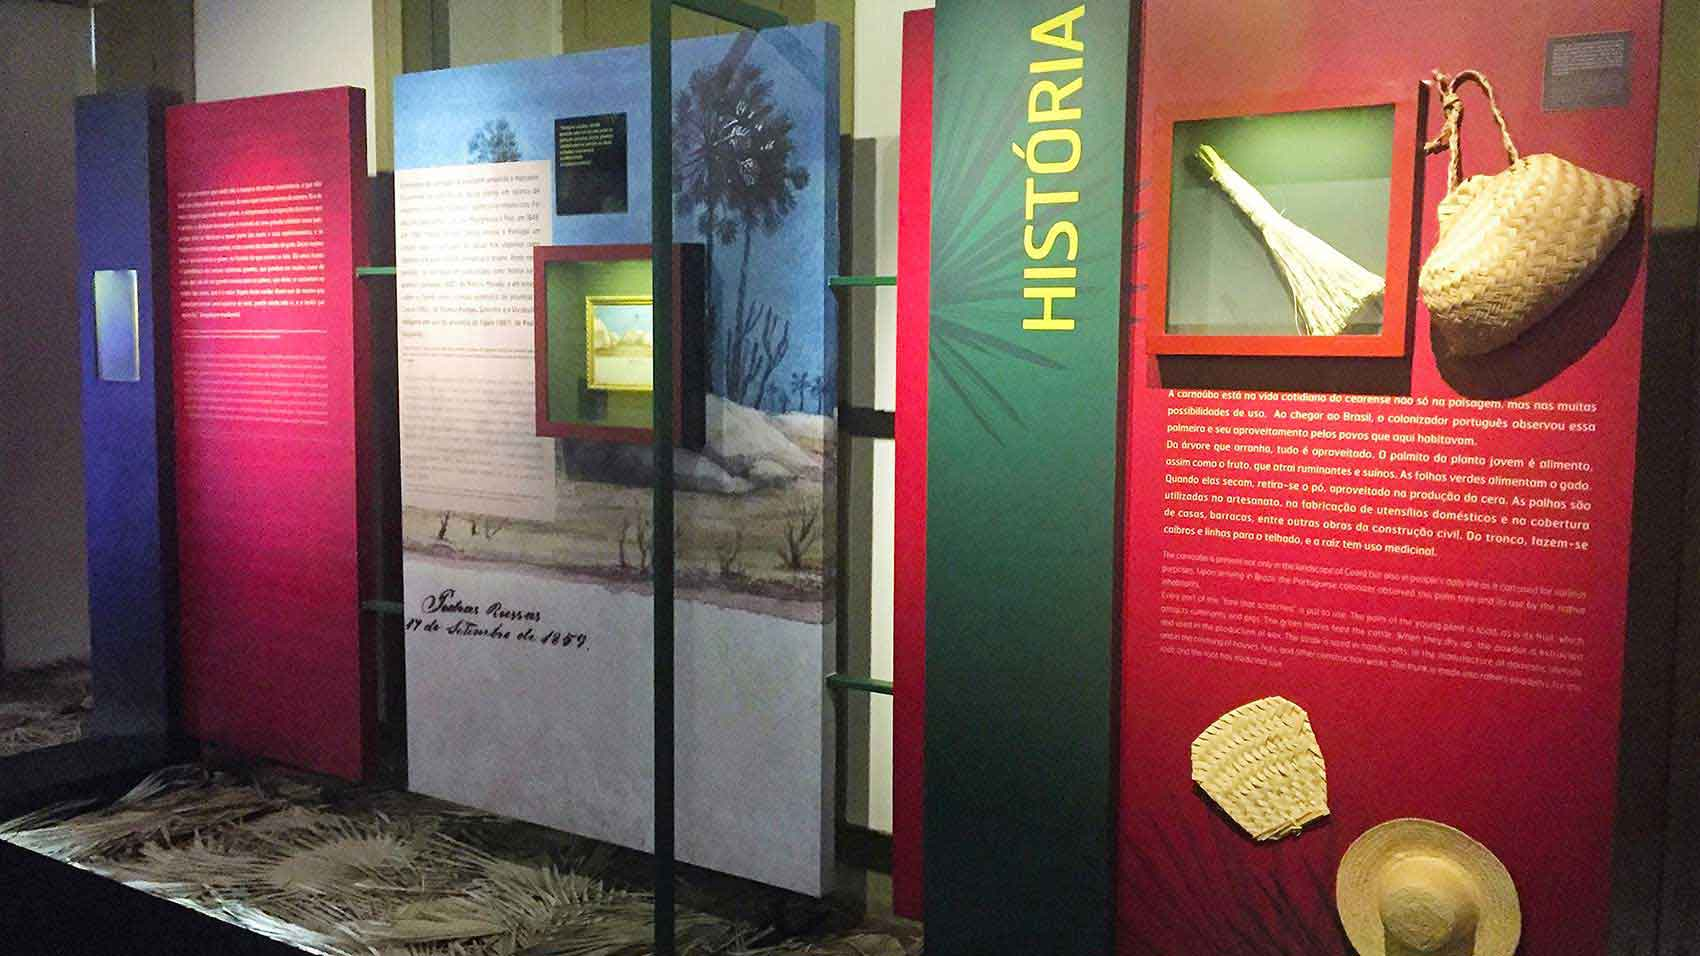 Tentoonstelling in museum in samenwerking met Museum of Industry, Social Service of Industry en Federation of Industry of Ceará